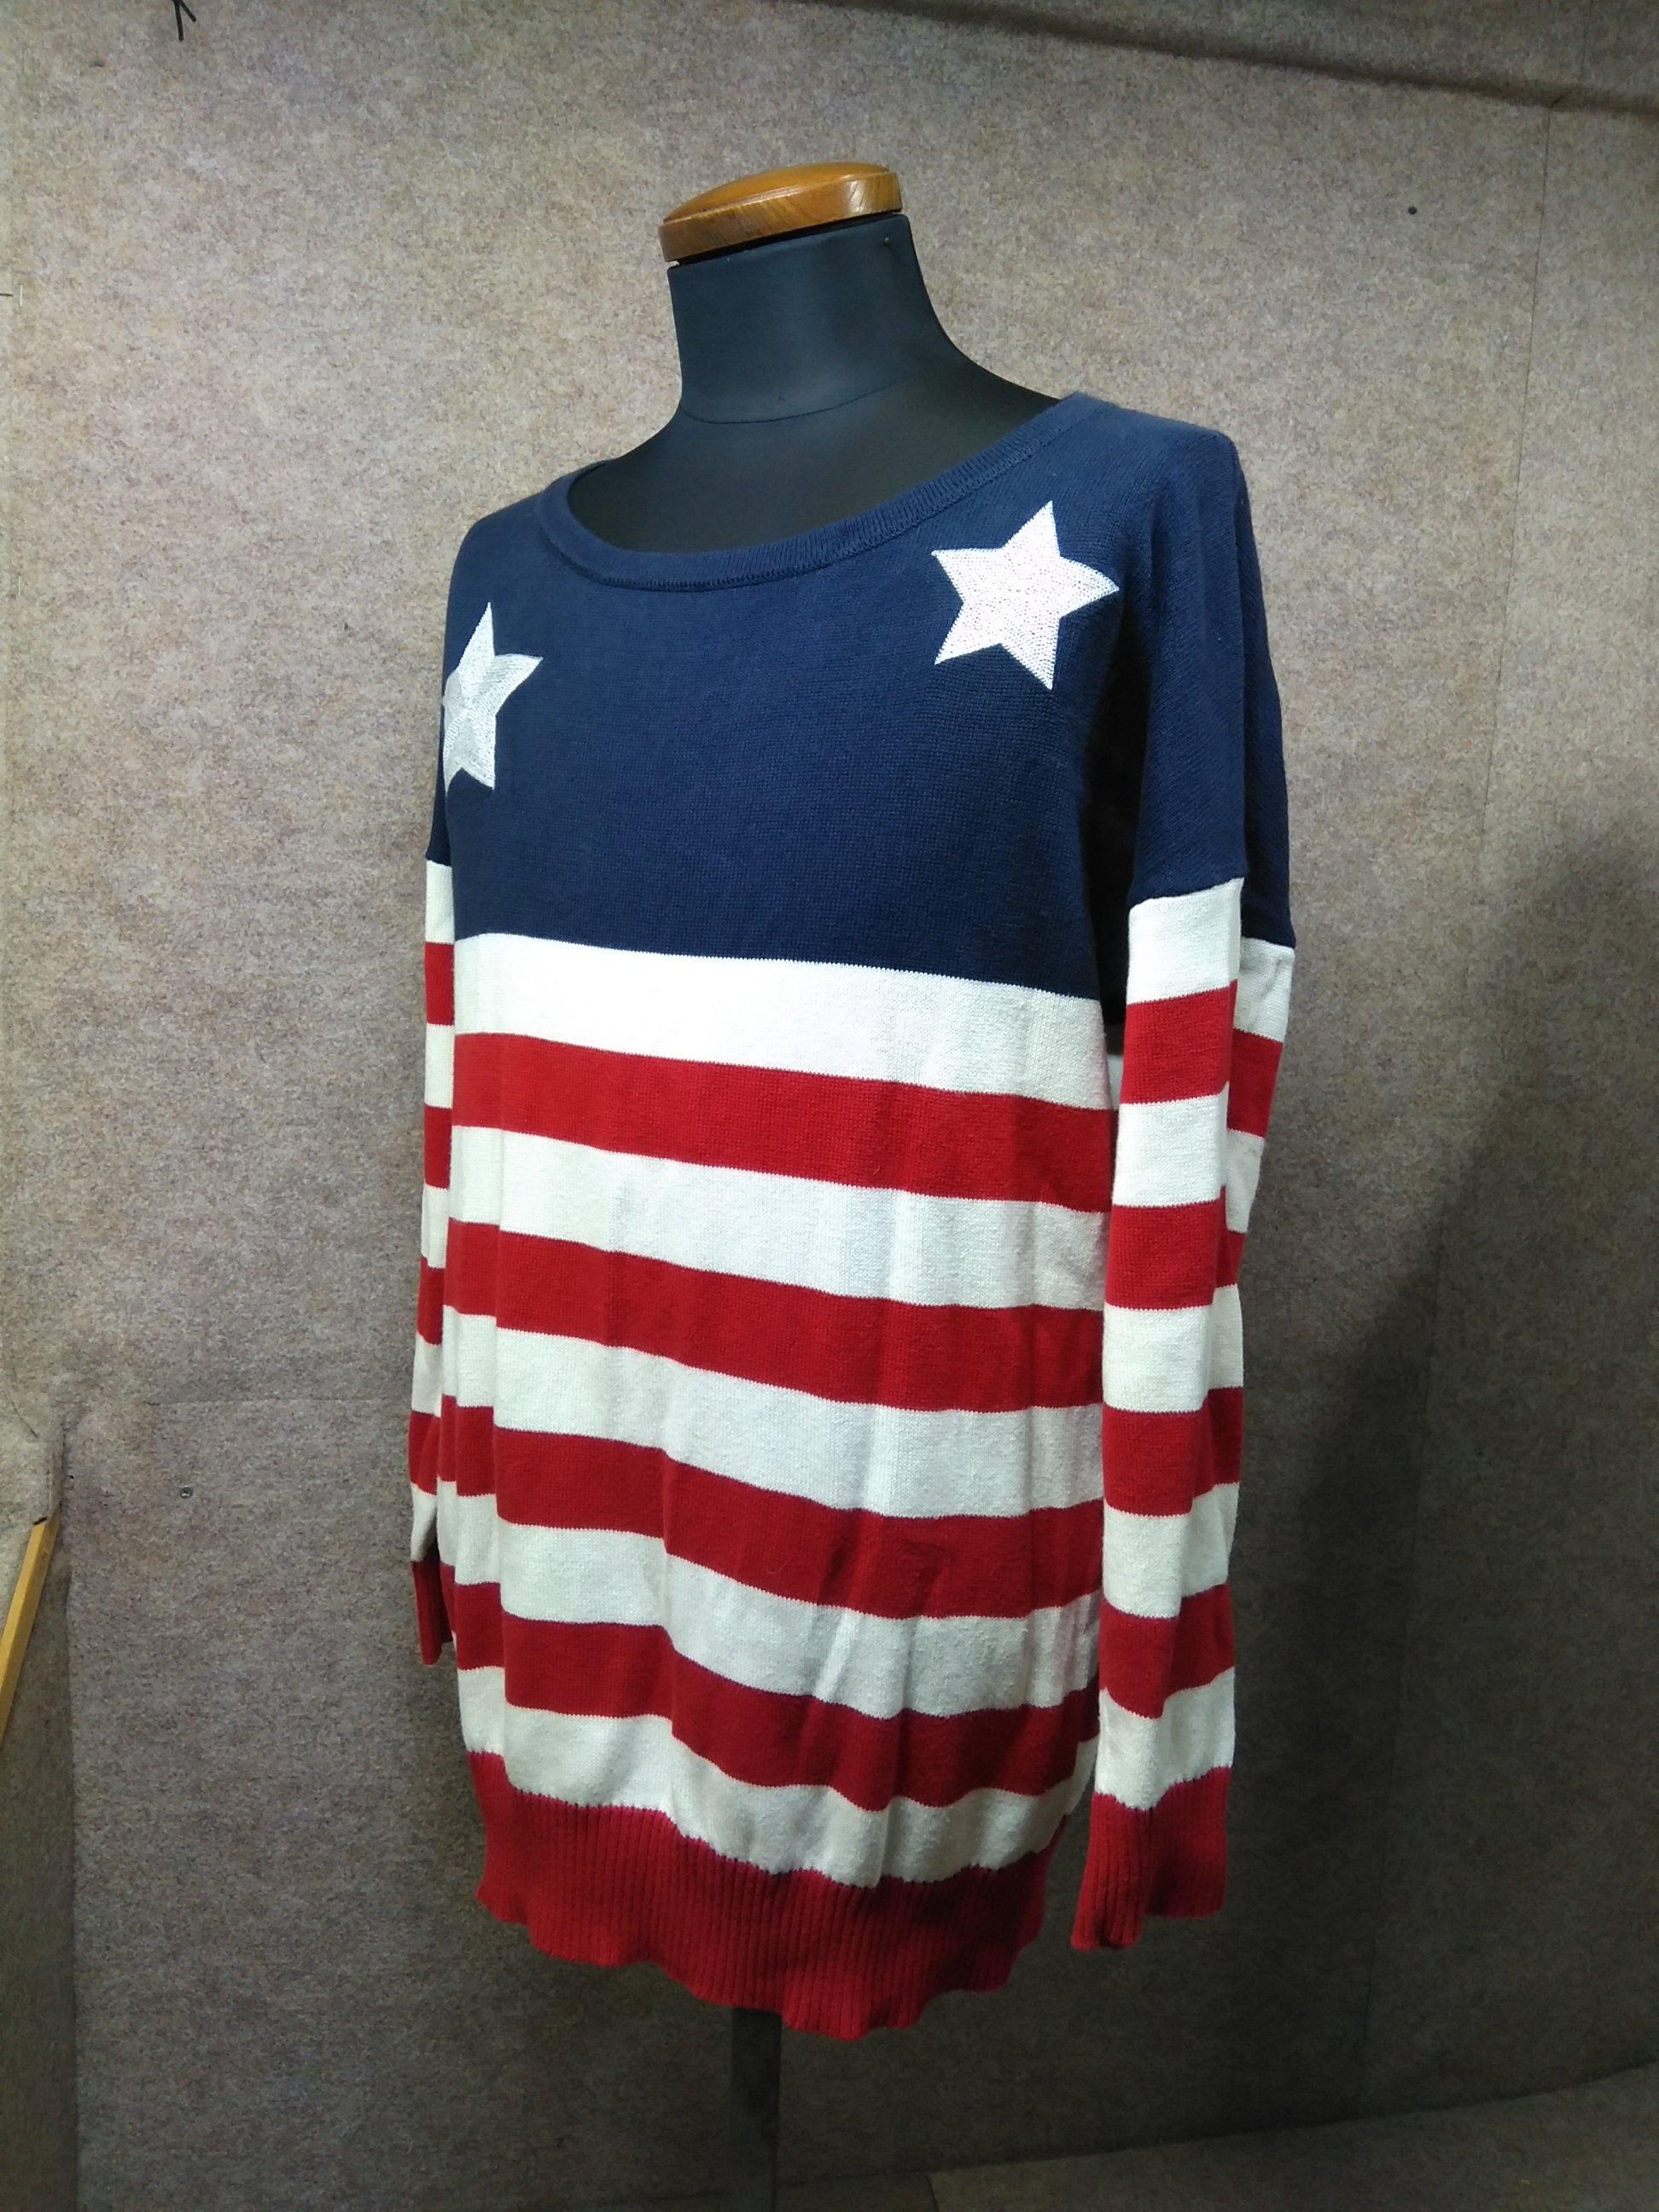 トミーヒルフィガー カットソー ニット 星条旗 USA アメリカ mh438s